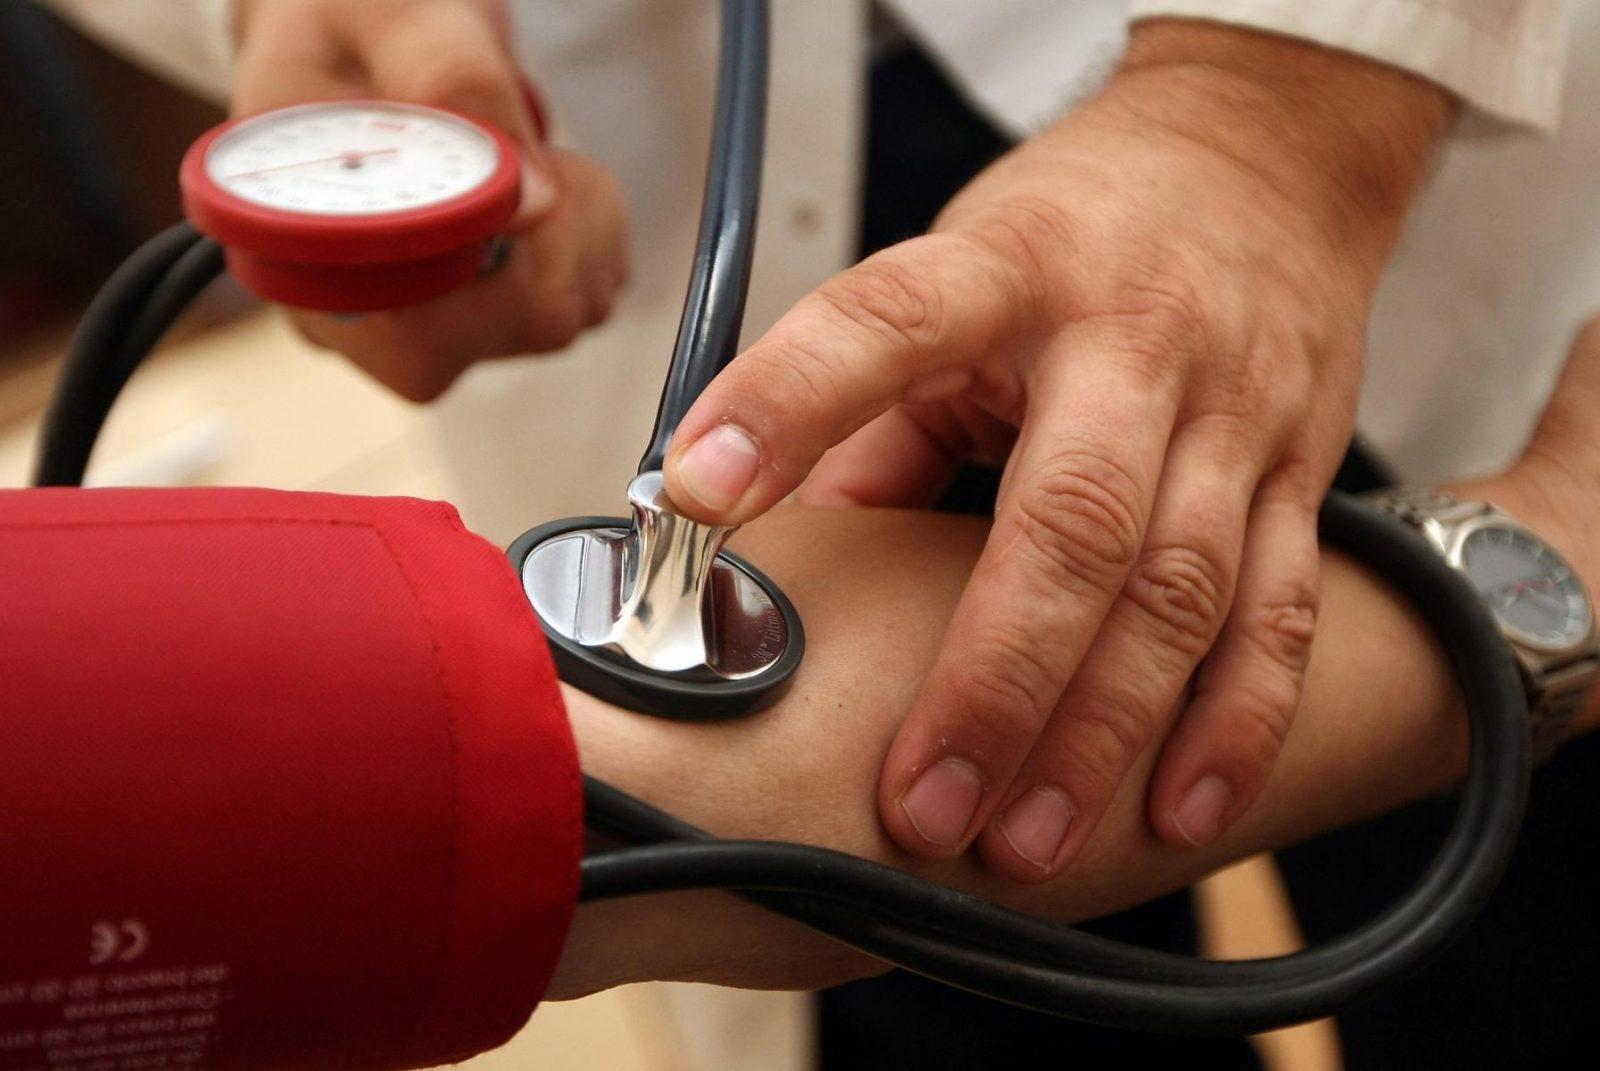 mi segít a magas vérnyomásban 3 fok hogyan lehet a magas vérnyomást népi gyógymódokkal kezelni